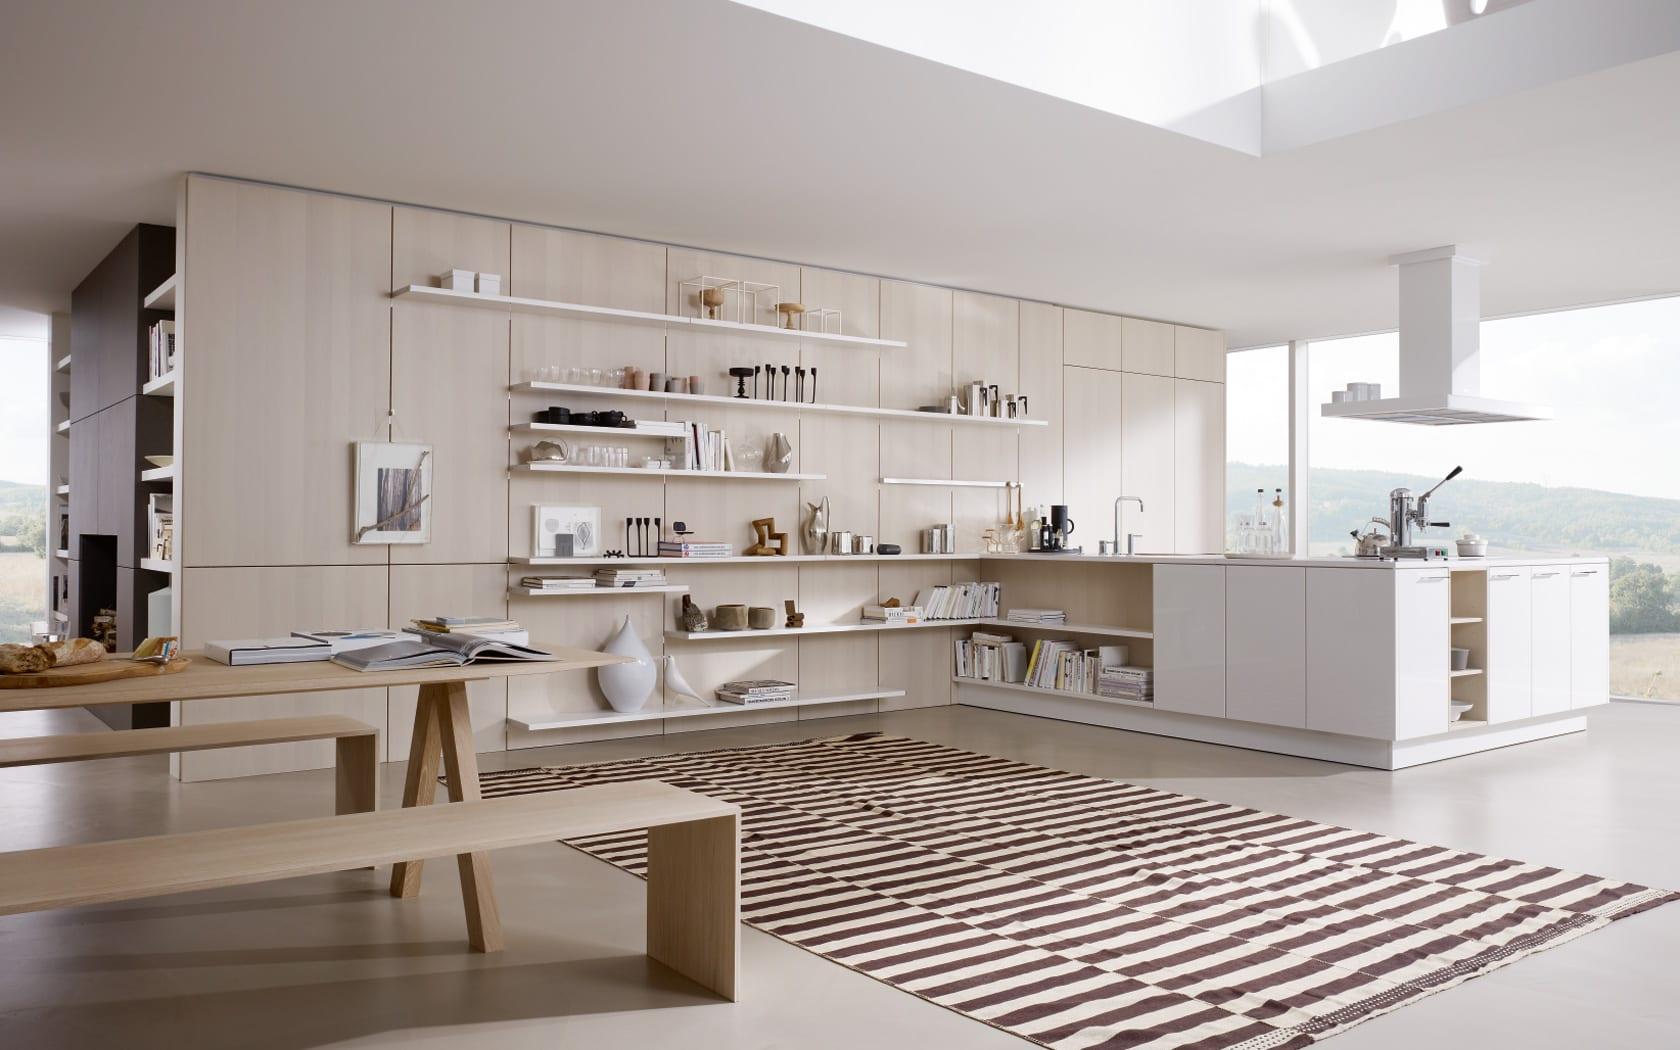 offene Küche in weiß mit Holzwand - Wohnungsgestaltung-wohnzimmer einrichten